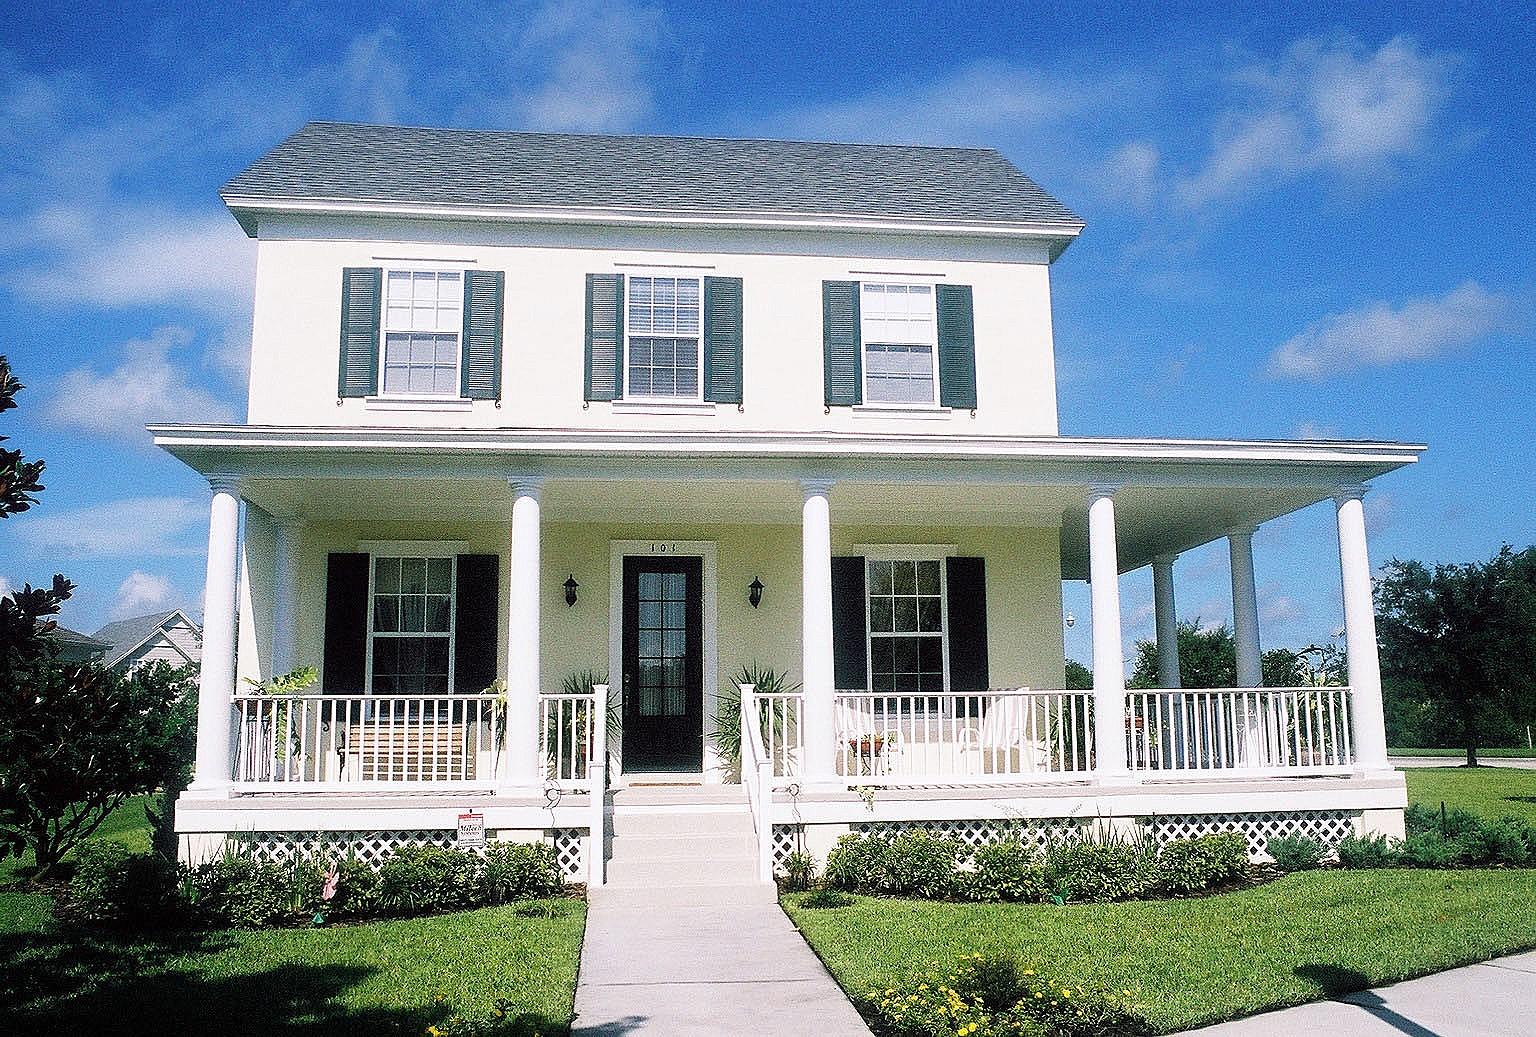 Farmhouse house plan with wrap around porch 17361ac for Farmhouse house plans with wrap around porch